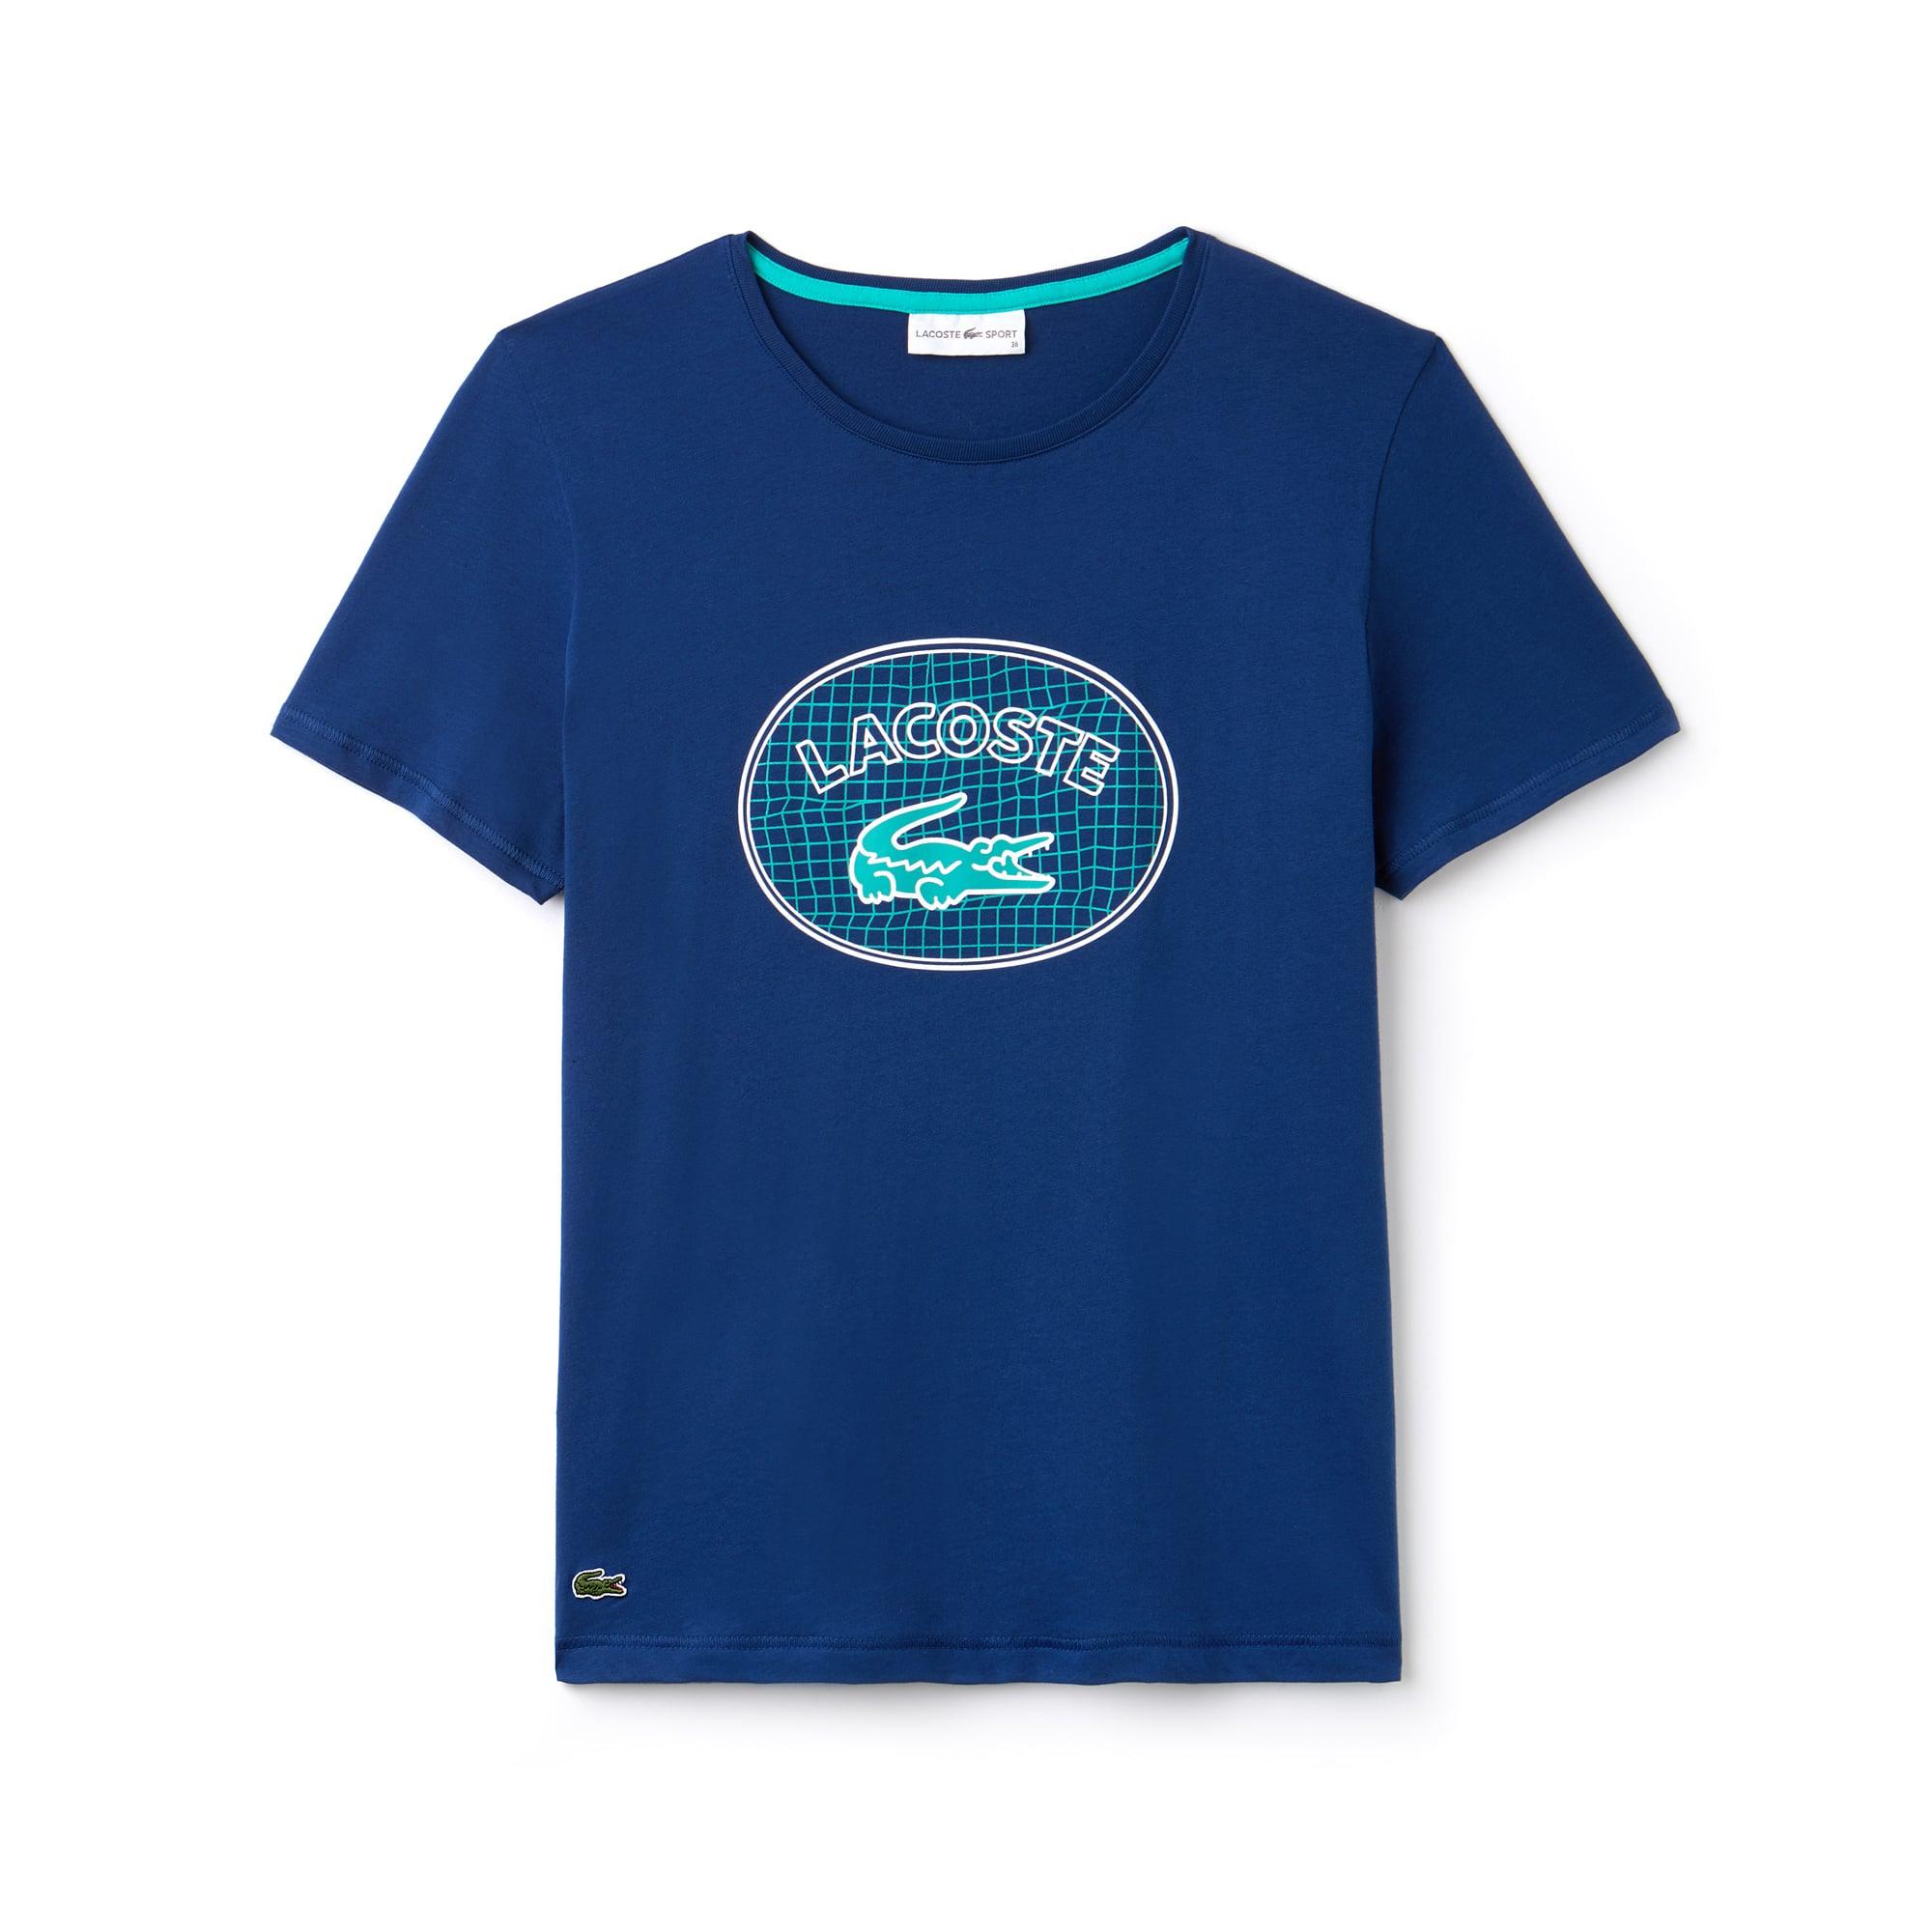 라코스테 Lacoste Womens SPORT Oversized Logo Design Jersey Tennis T-shirt,navy blue / white / green